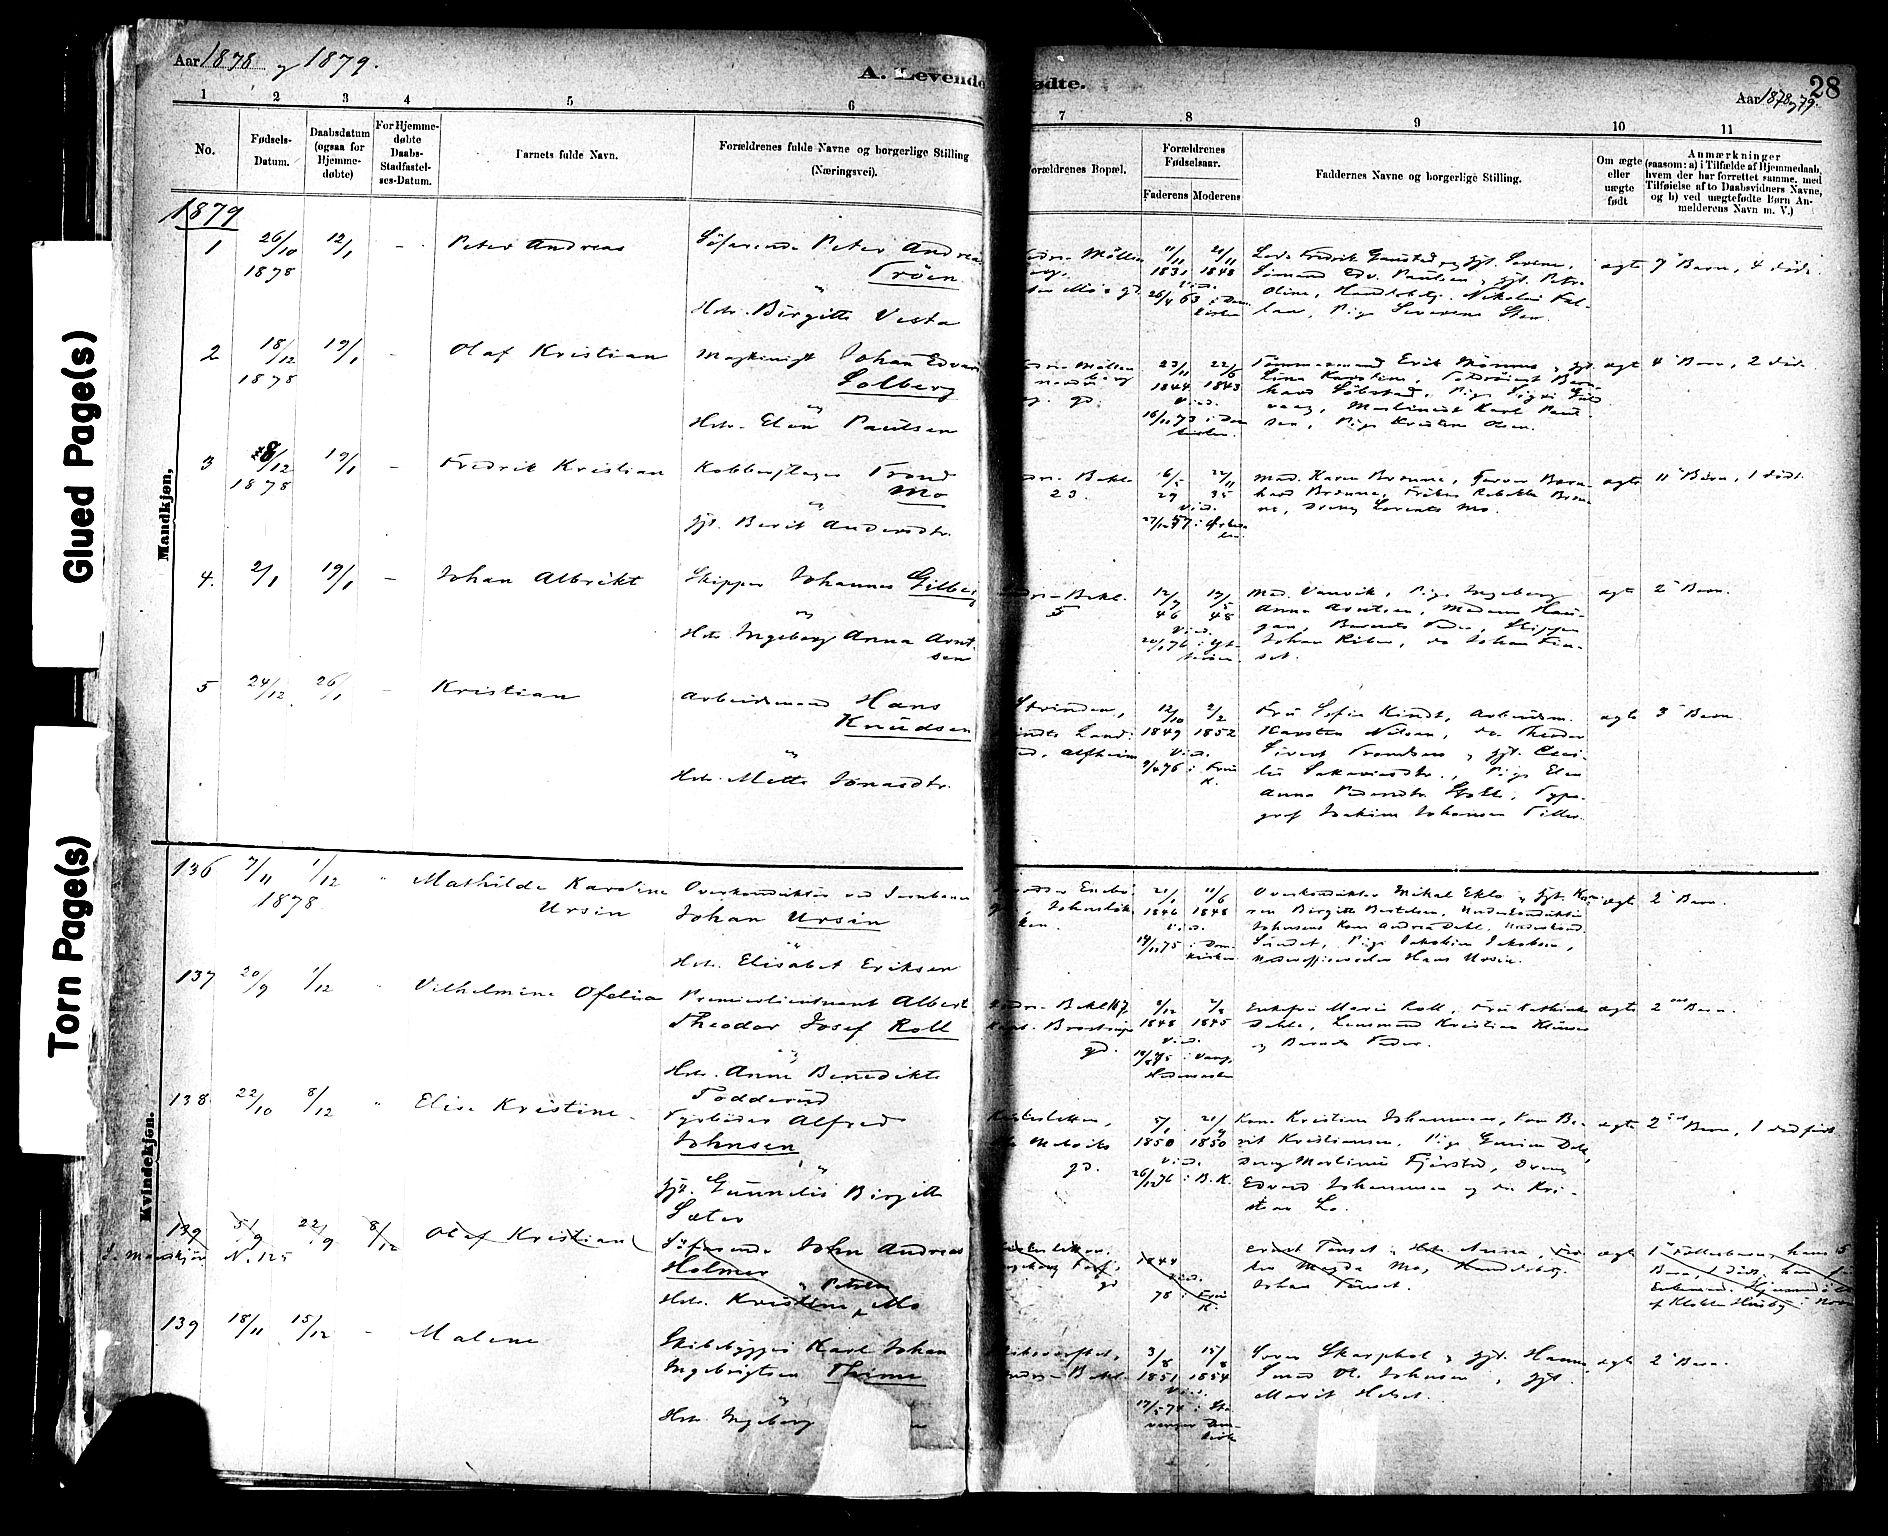 SAT, Ministerialprotokoller, klokkerbøker og fødselsregistre - Sør-Trøndelag, 604/L0188: Ministerialbok nr. 604A09, 1878-1892, s. 28